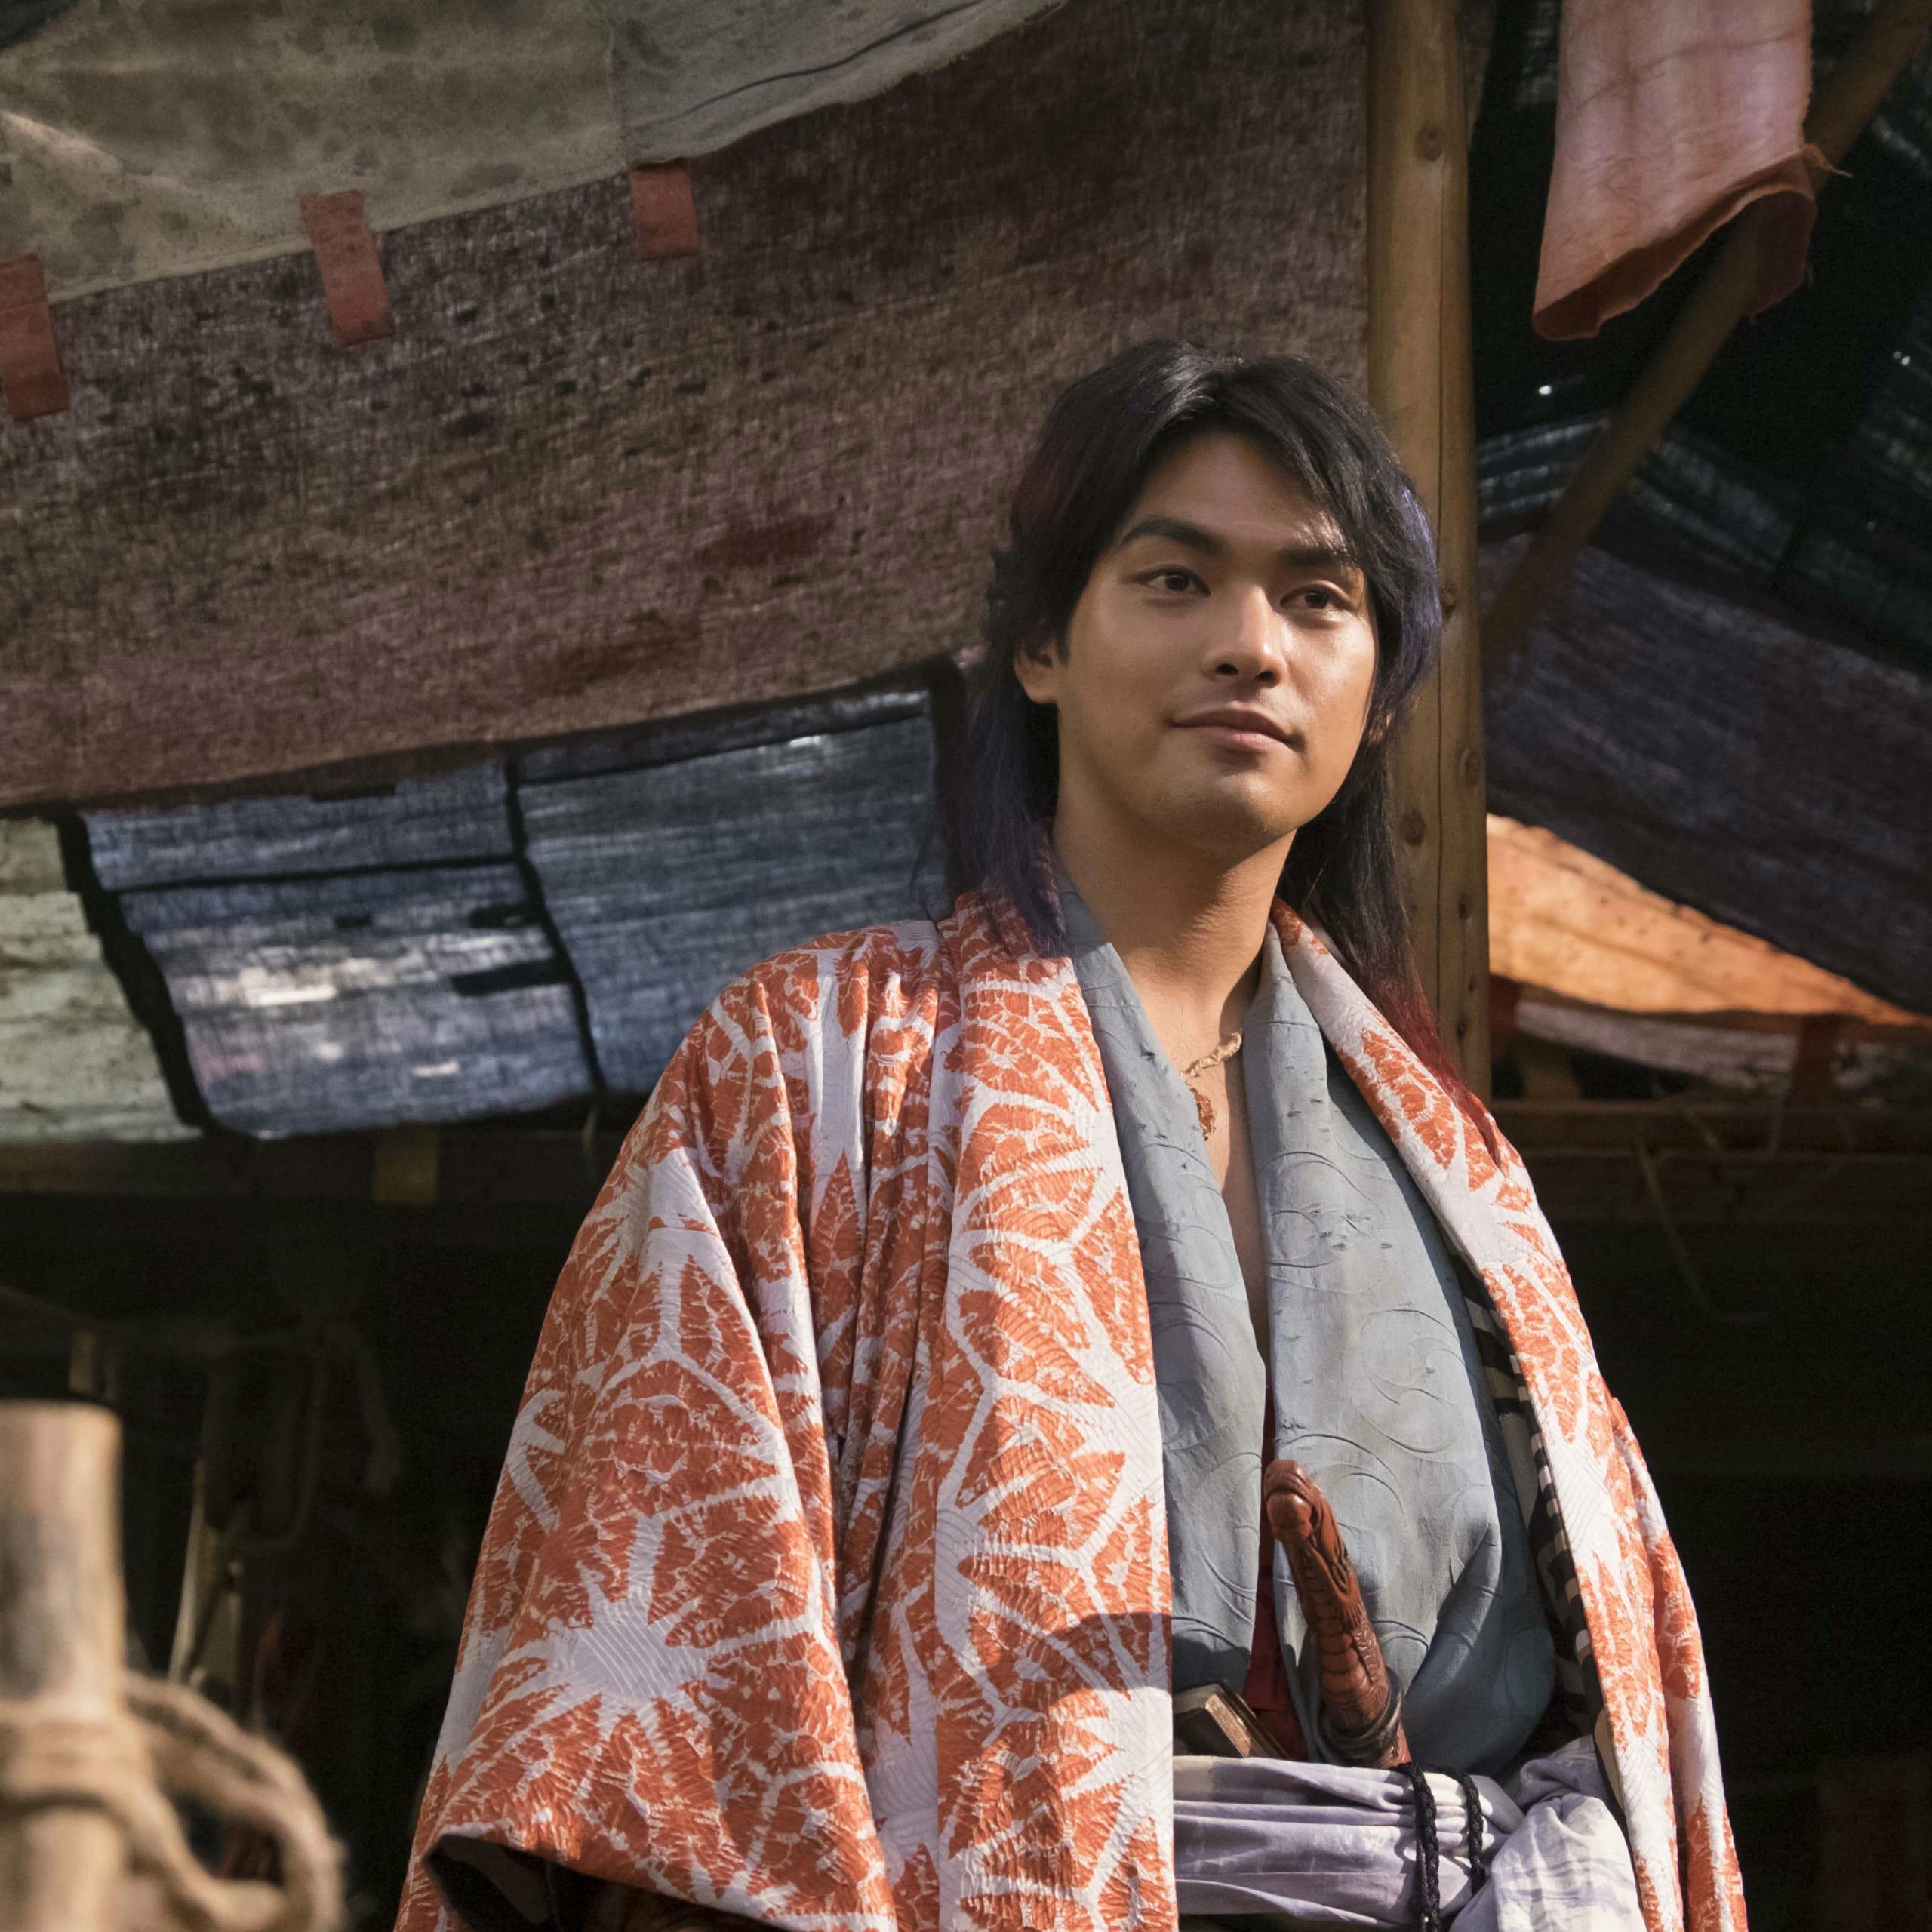 """柳楽優弥、オリジナル人物""""龍雲丸""""を語る「直虎さんがあまり会ったことのないタイプの男でいたい」"""